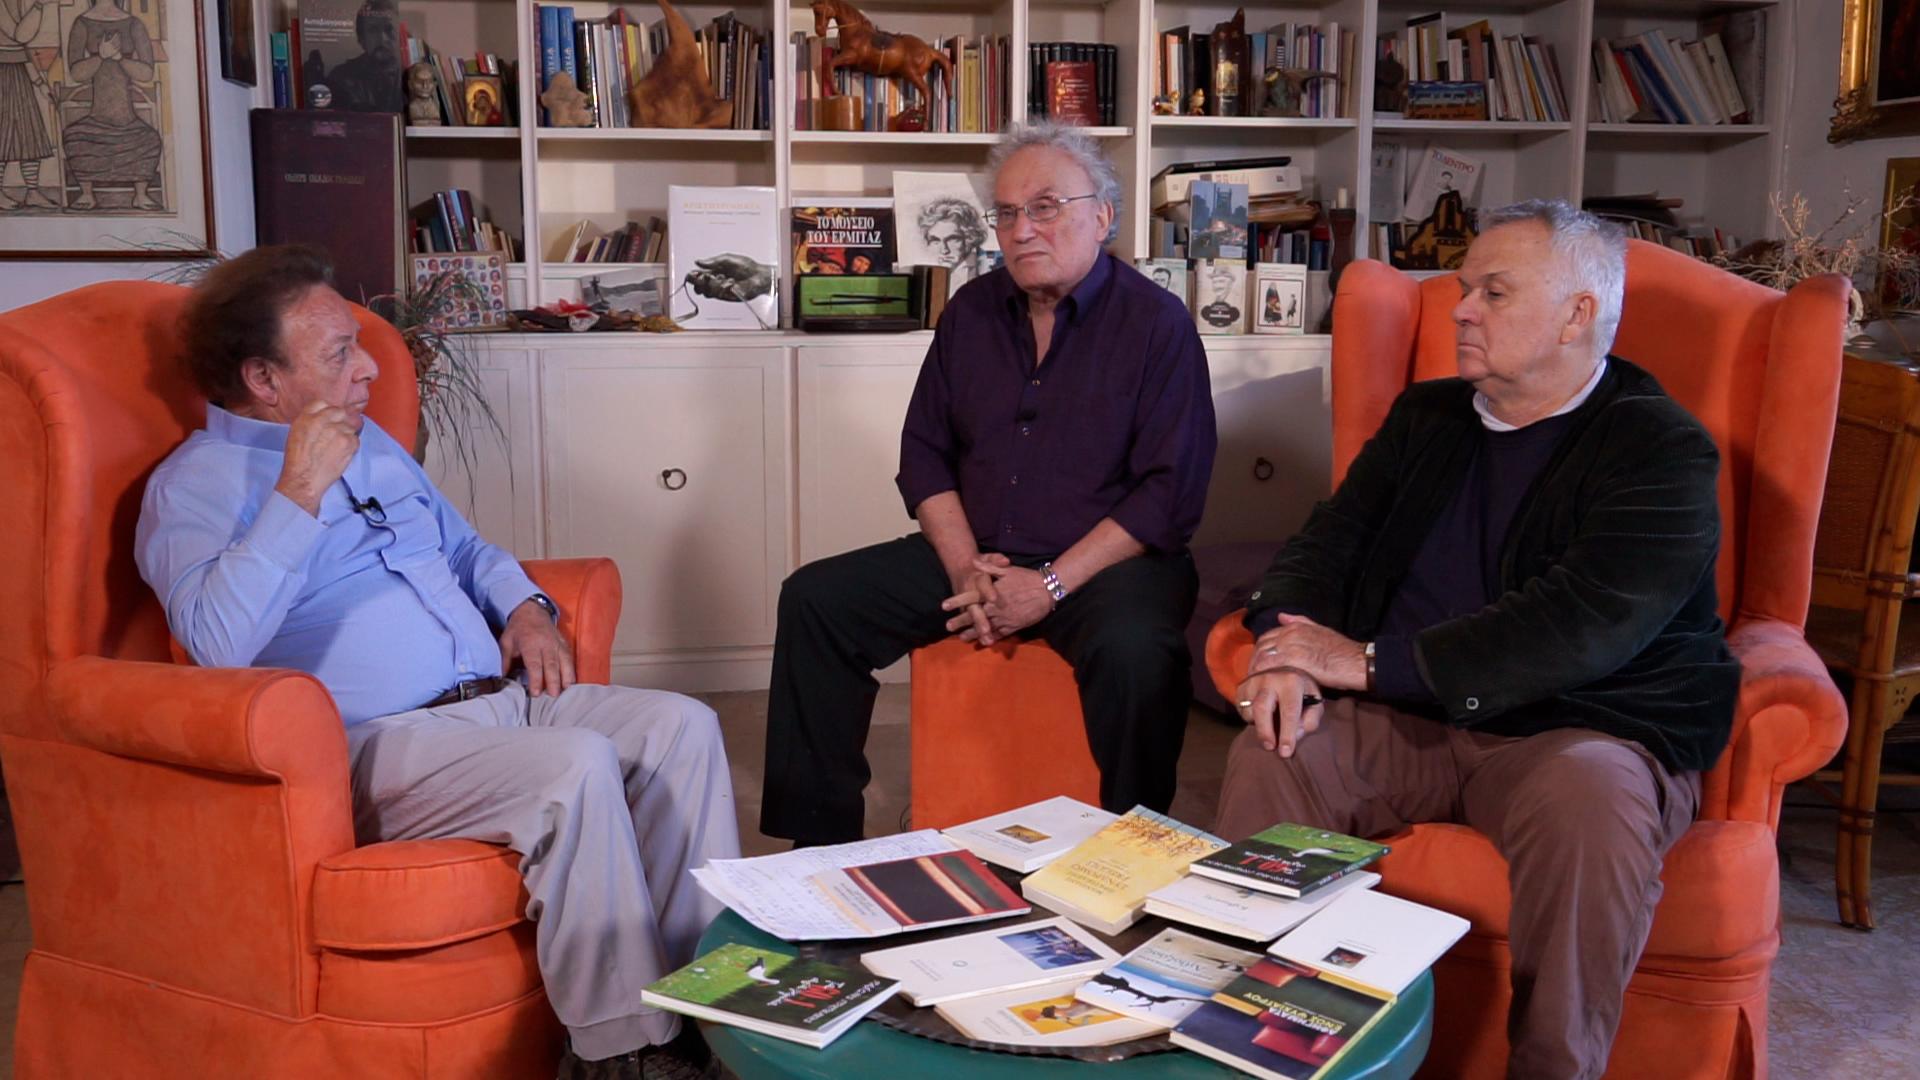 Από αριστερά: Μανόλης Πρατικάκης, Αλέξης Ζήρας, Γιώργος Χρονάς